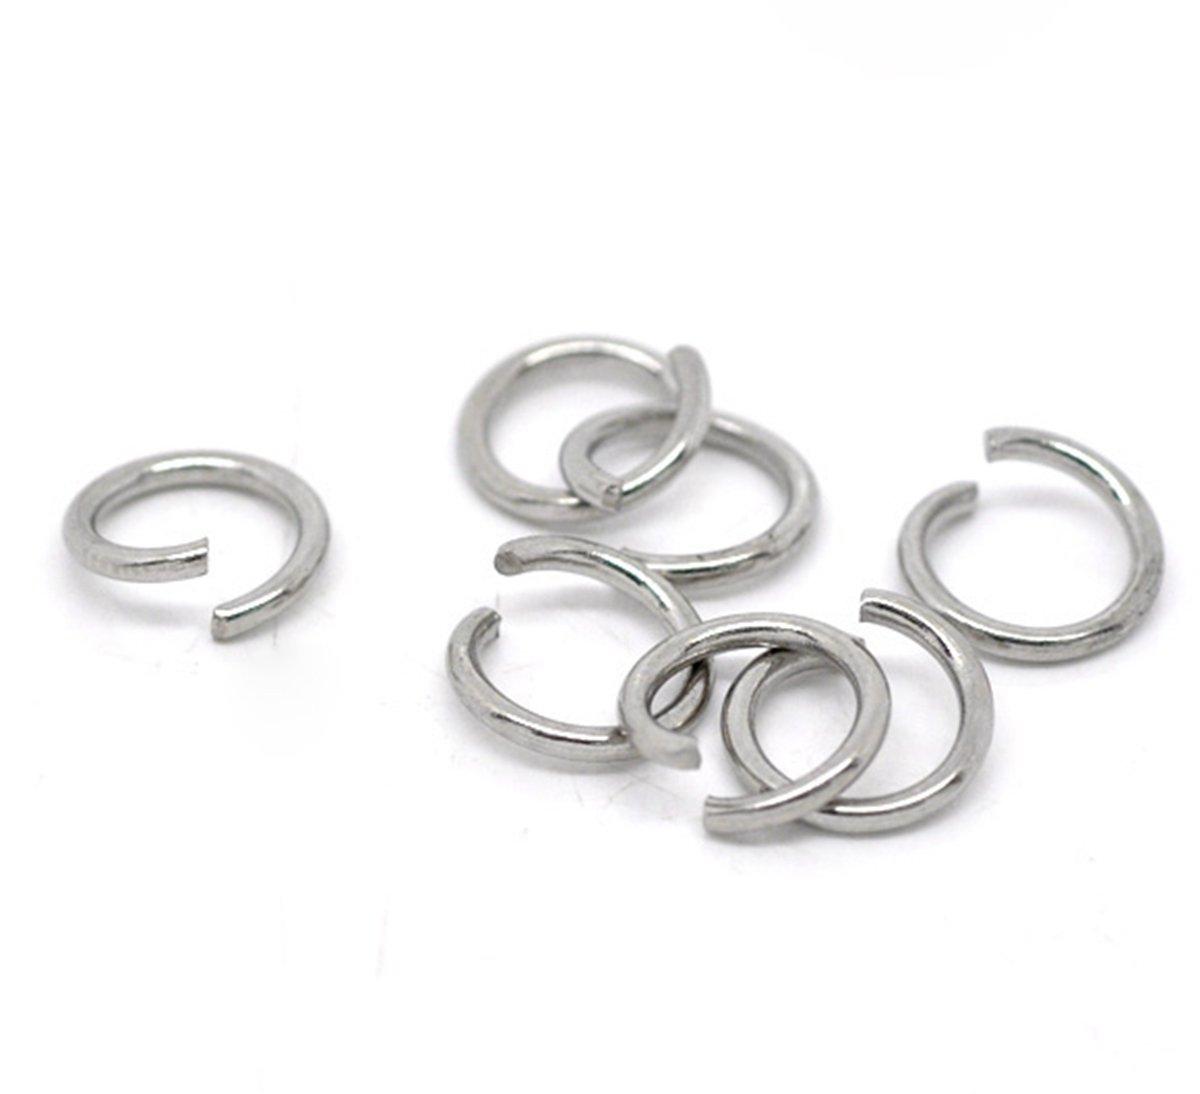 HooAMI 200 pcs Anneaux de Jonction en Acier inoxydable Accessoires de bijoux pour DIY Bijoux TY HooAMI080